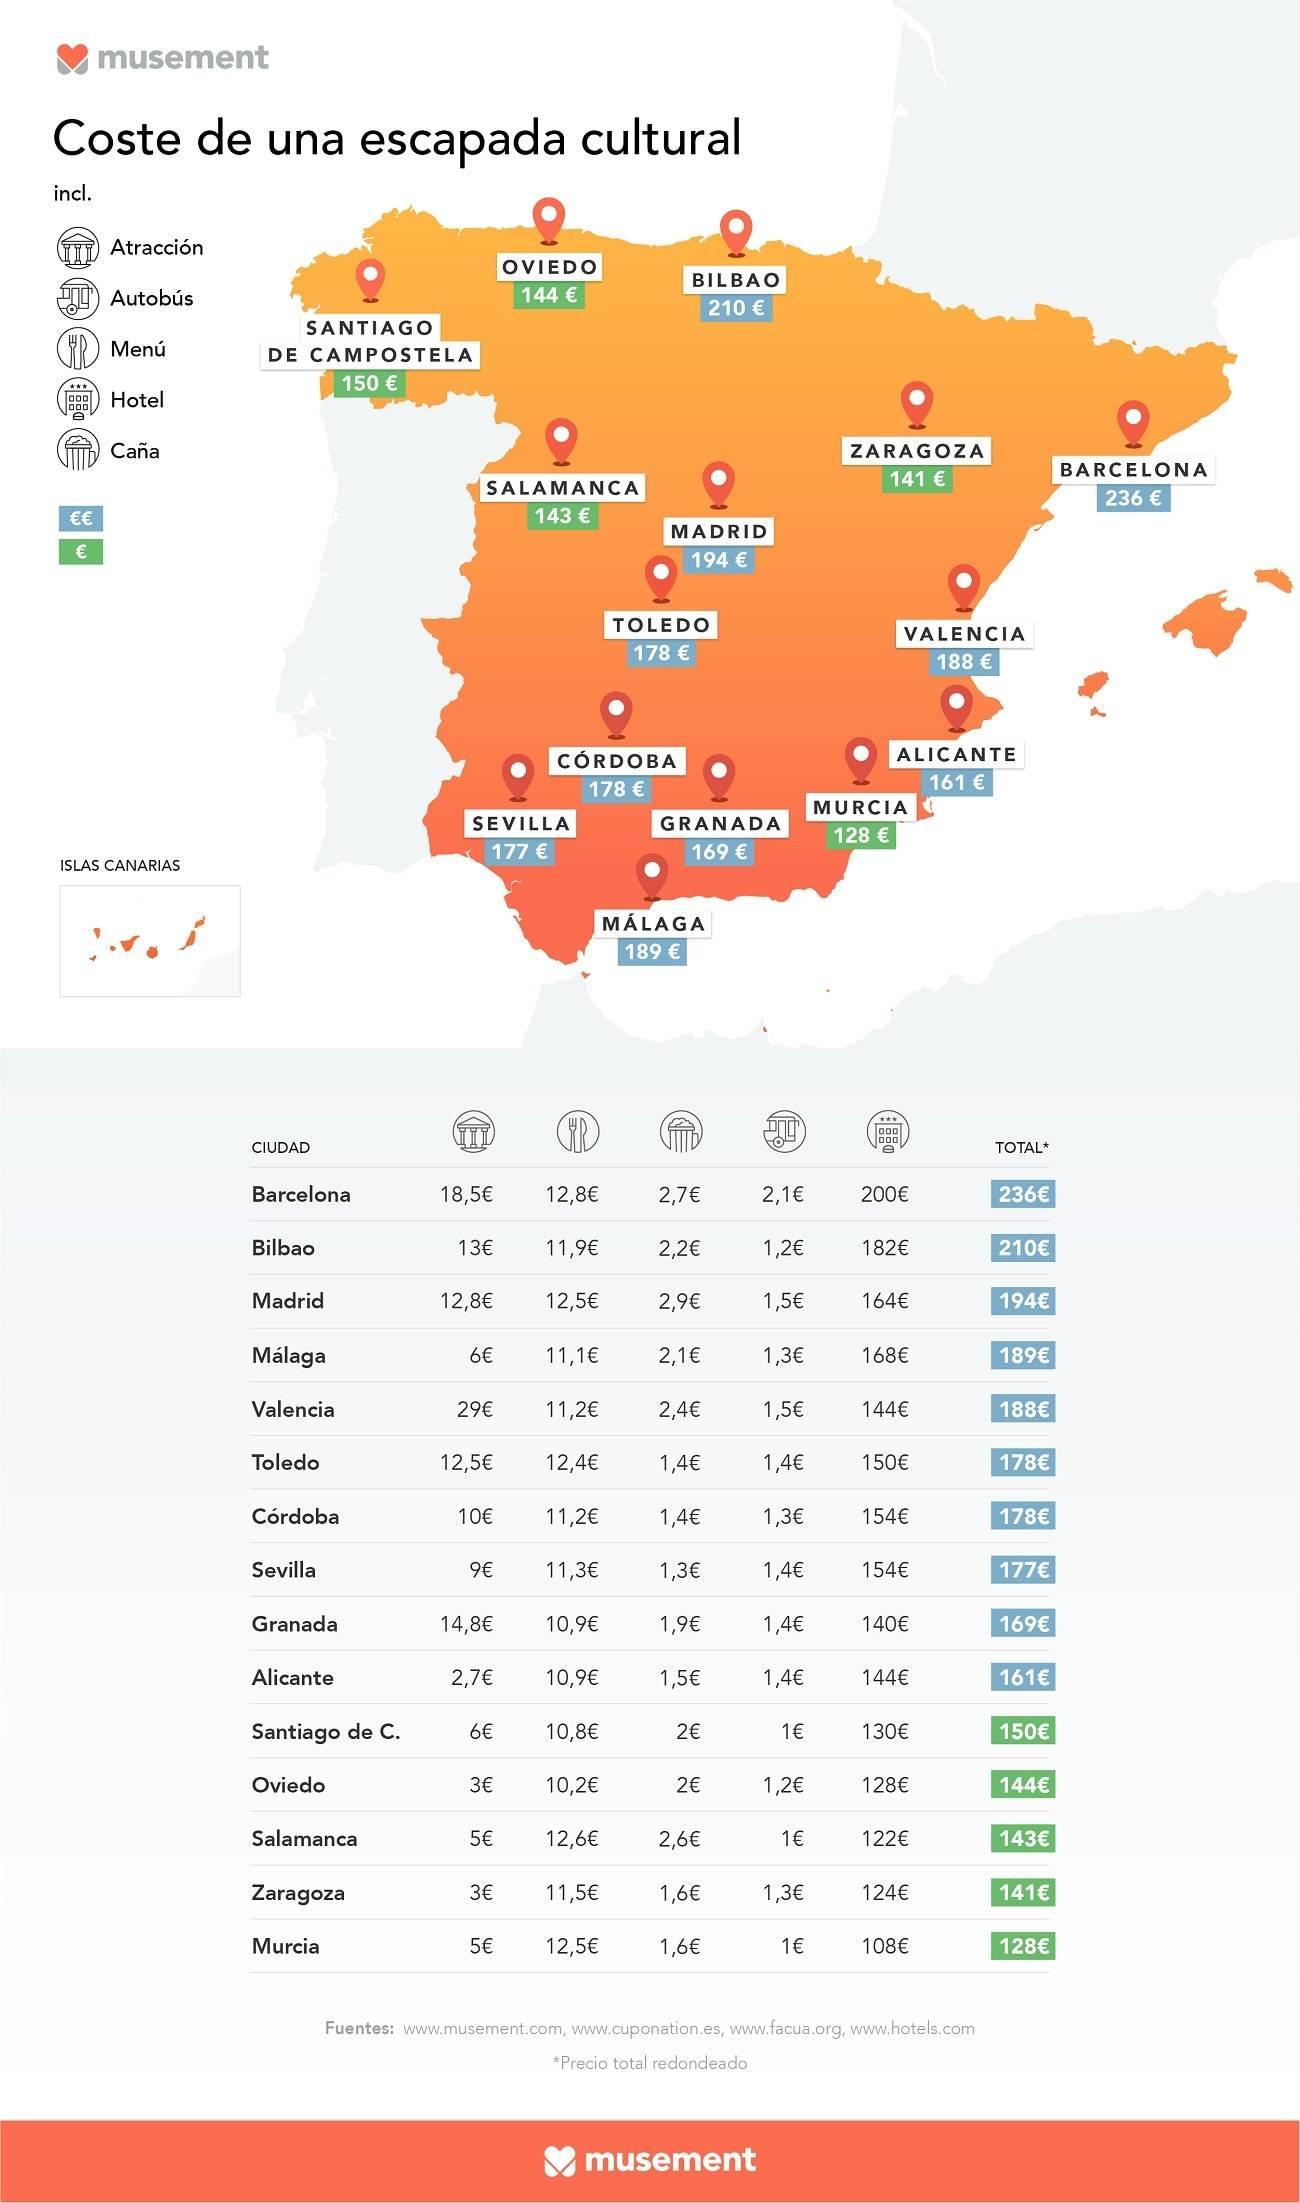 Las 15 ciudades españolas más baratas para una escapada 1